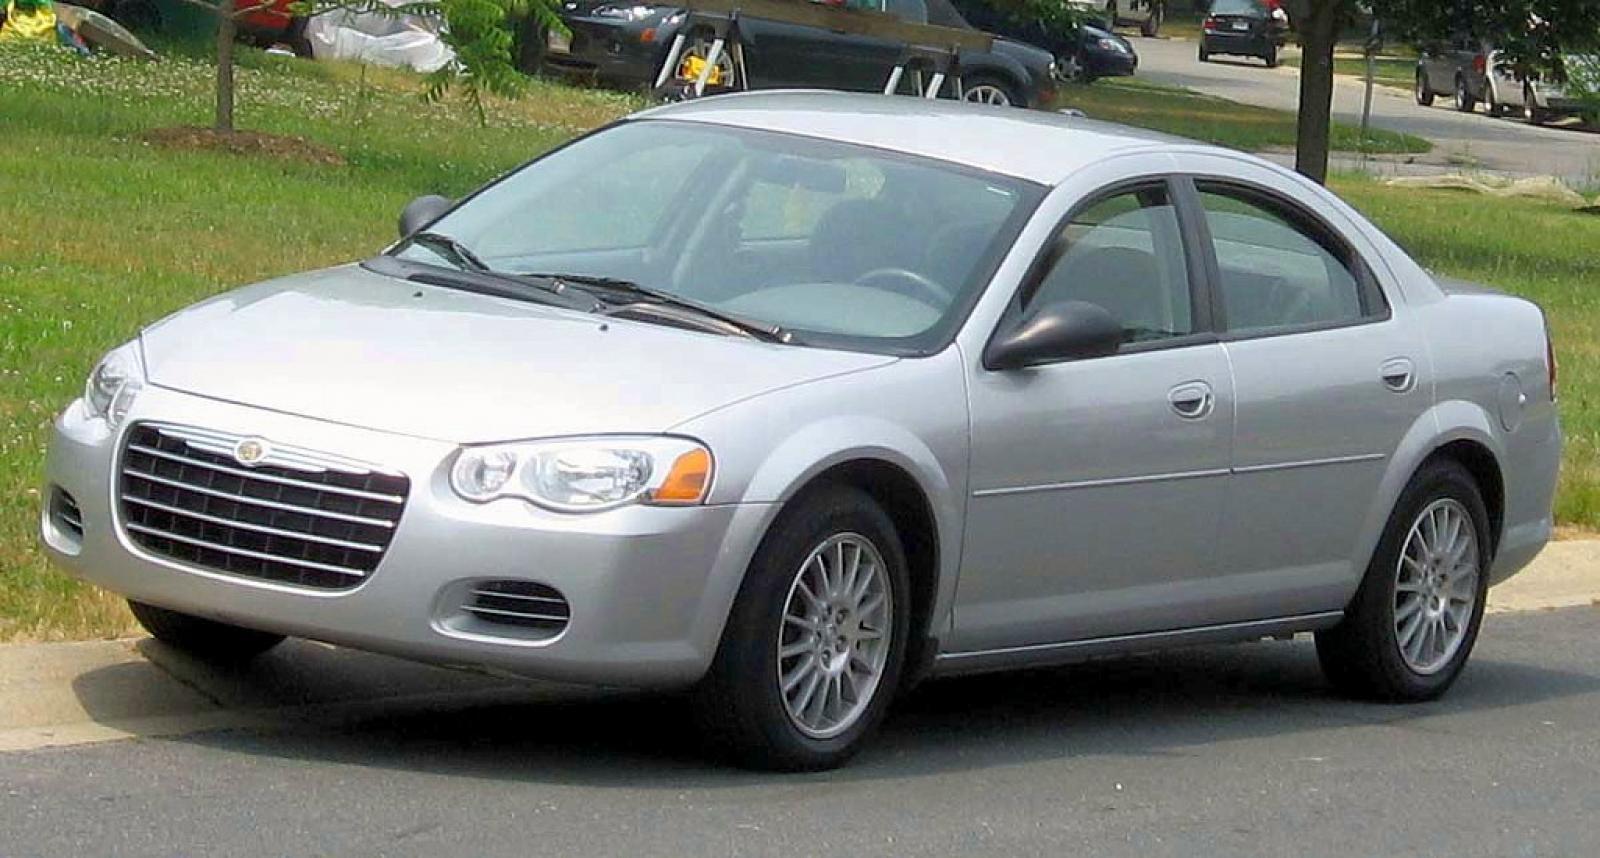 800 1024 1280 1600 Origin 2004 Chrysler Sebring